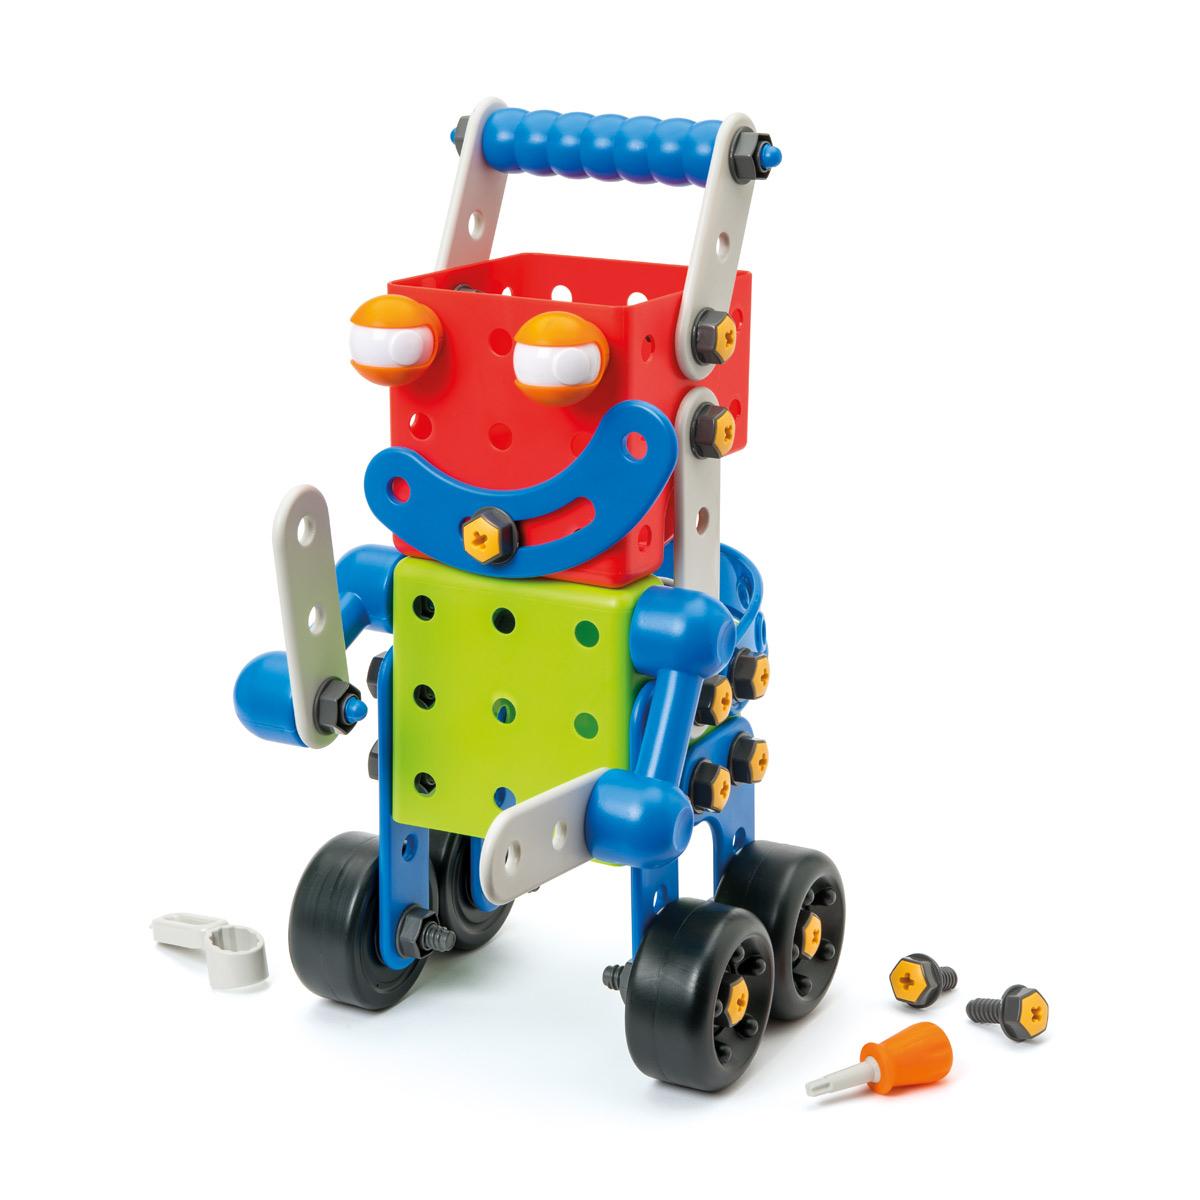 Robot Build It Géant 81 Pièces pour Jeux Pour Enfant De 7 Ans